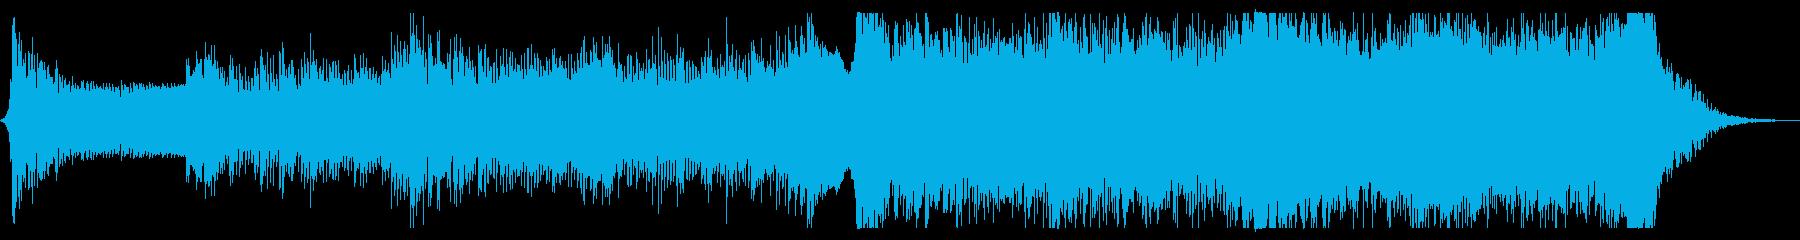 緊迫感のあるEpic系オーケストラの再生済みの波形